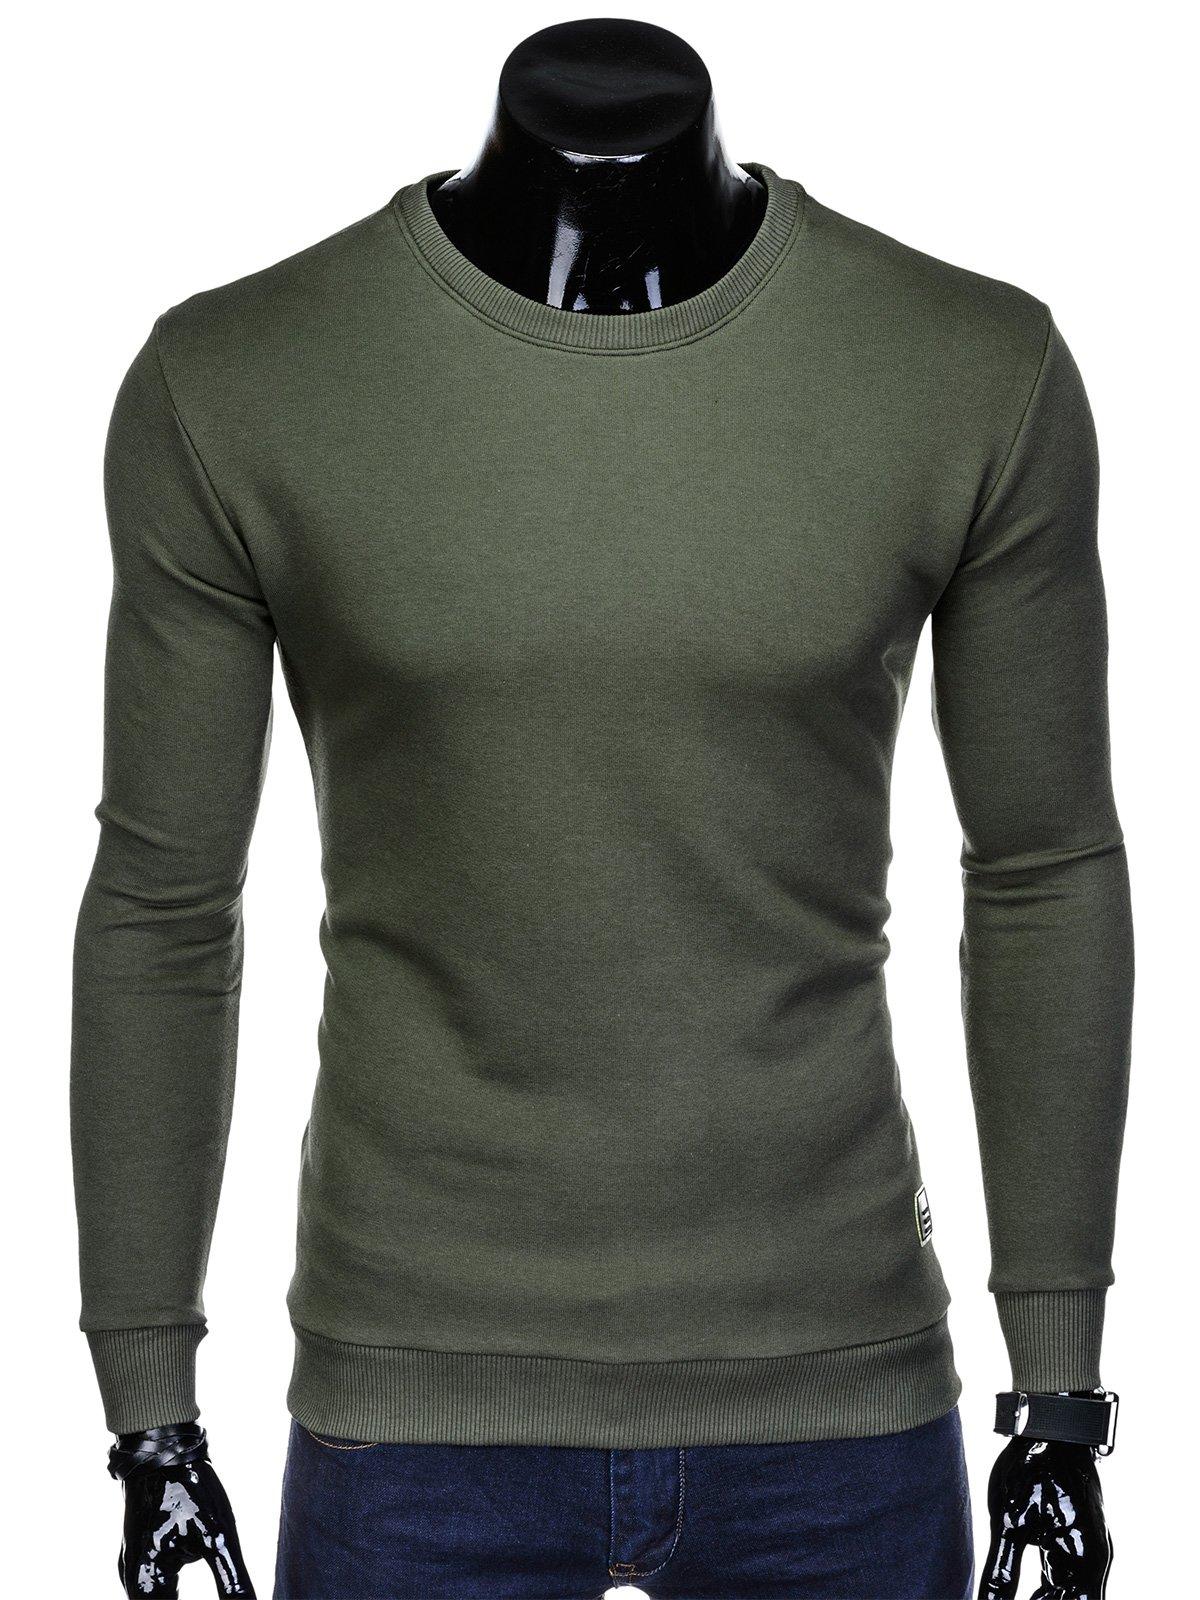 Inny pánský svetr